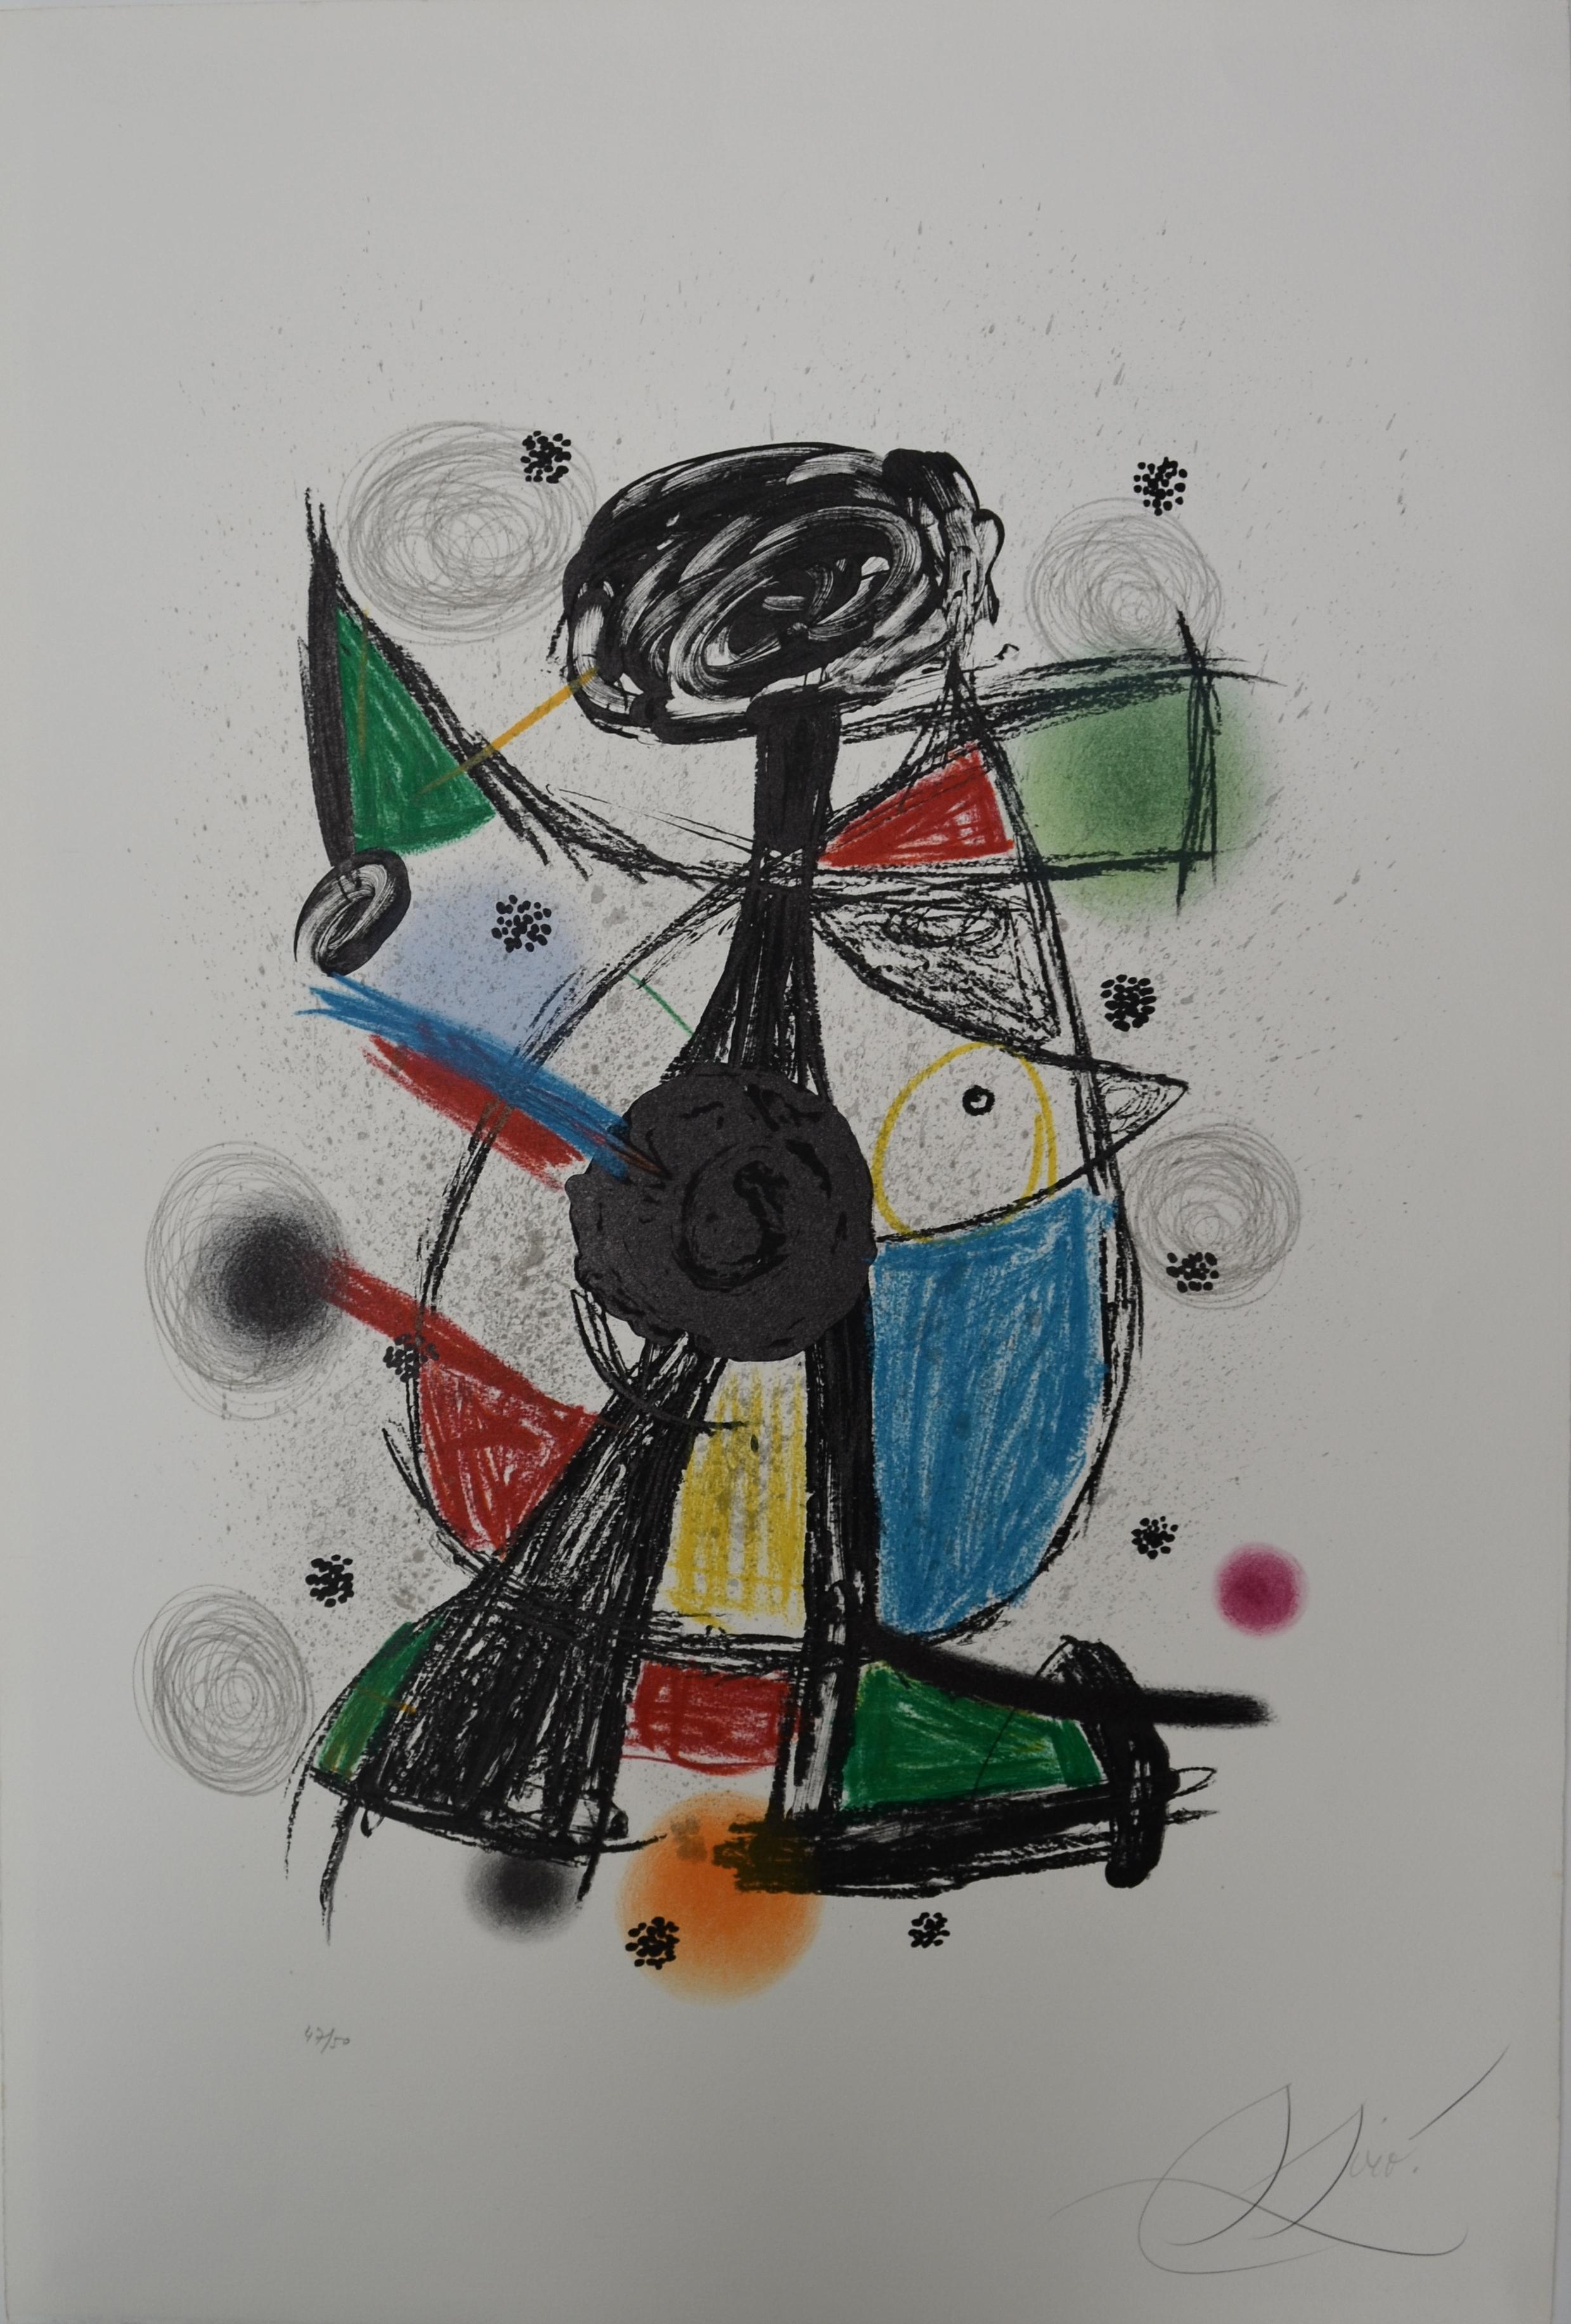 Joan-Miro-Arlequin-Artificier.JPG